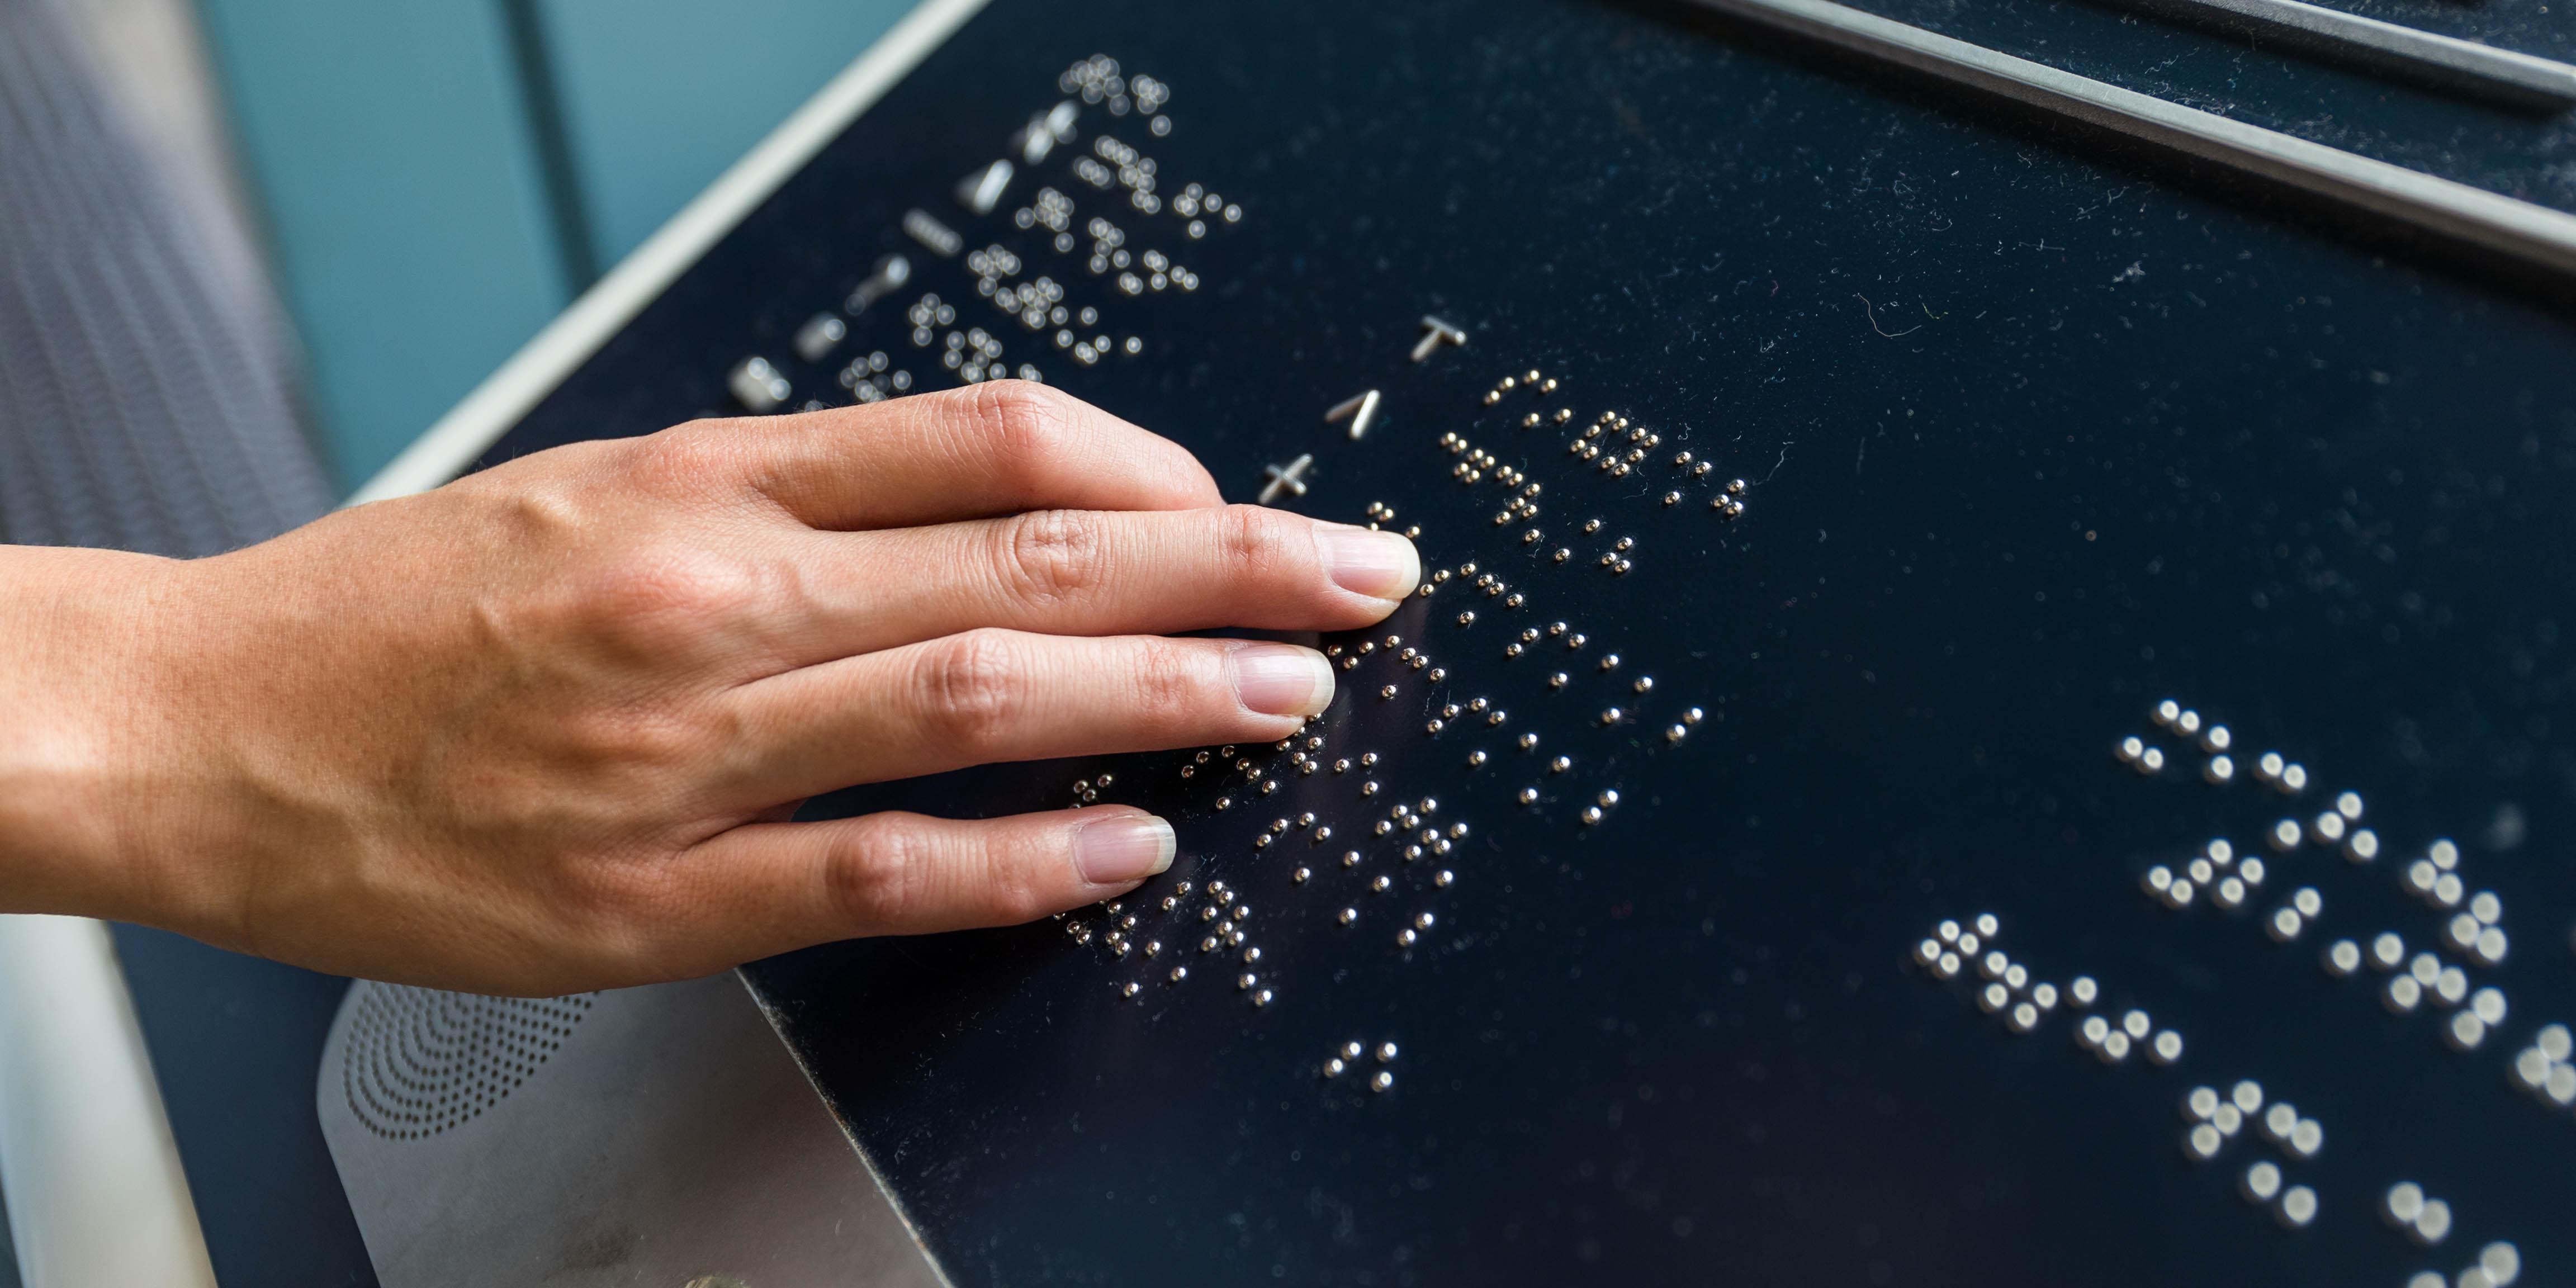 Doigts sur caractères braille